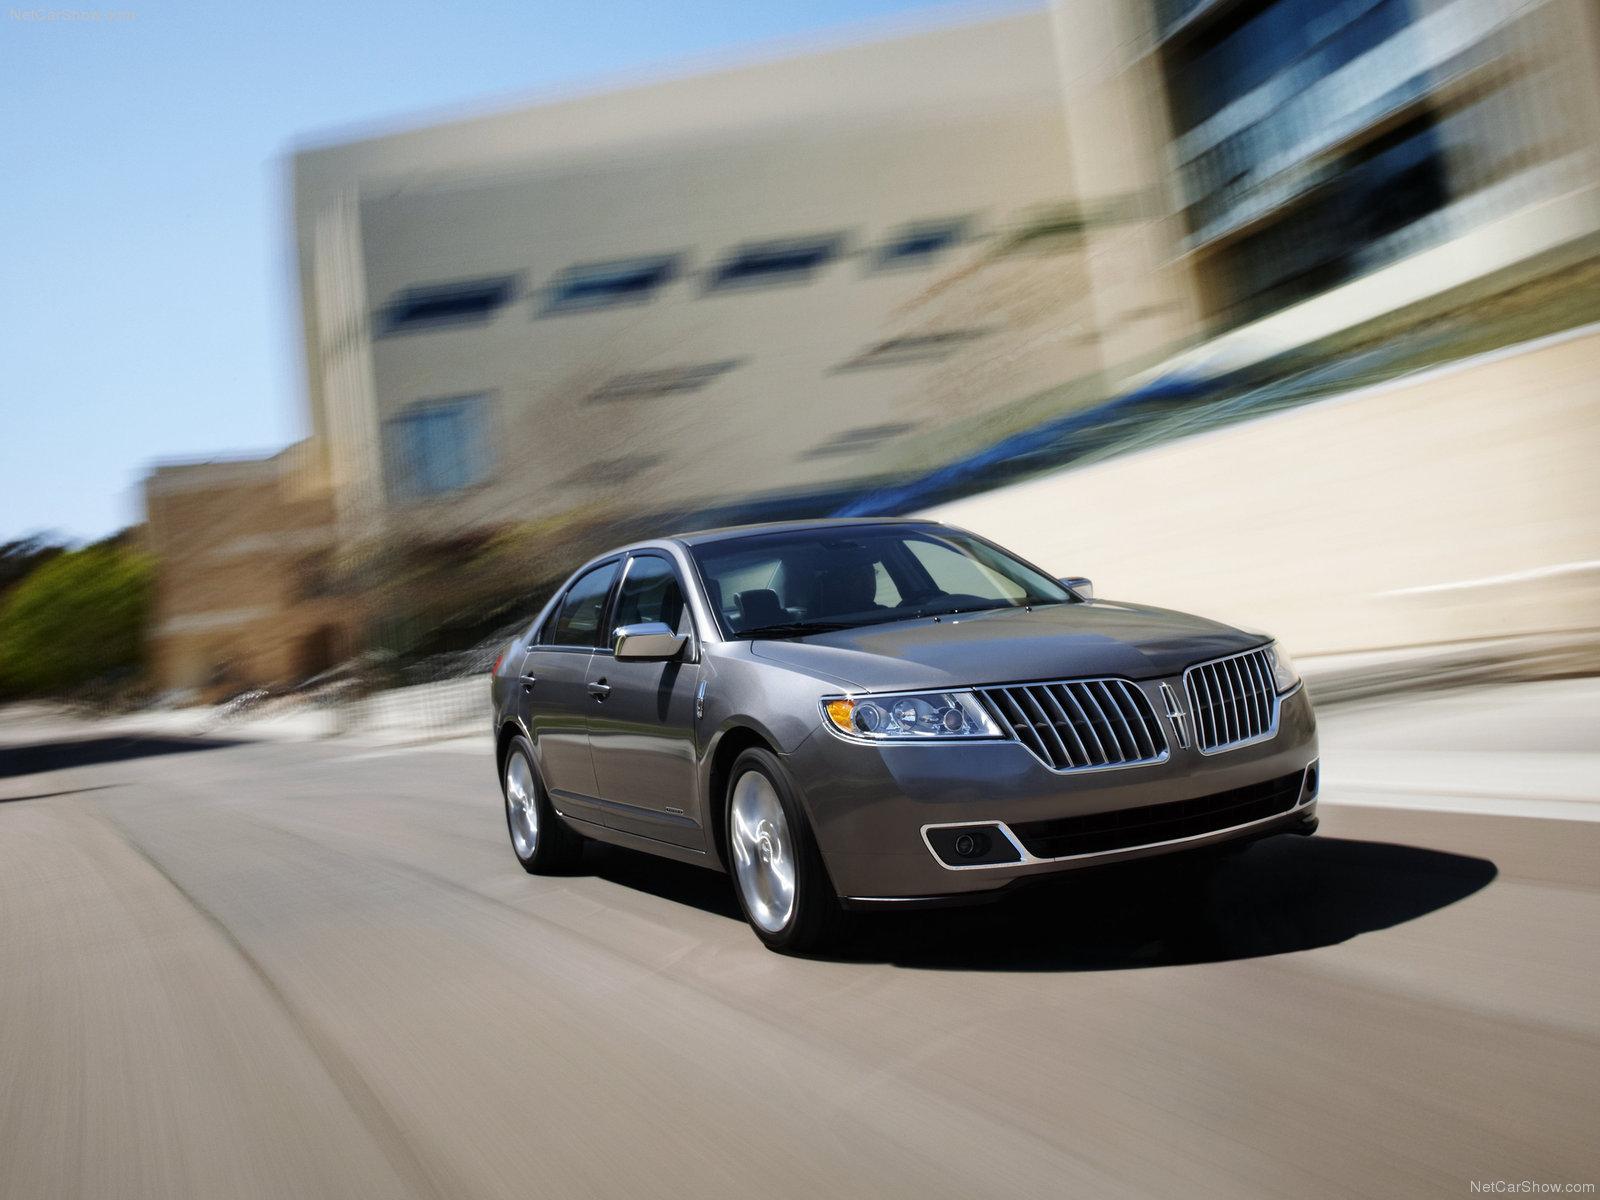 Hình ảnh xe ô tô Lincoln MKZ Hybrid 2011 & nội ngoại thất